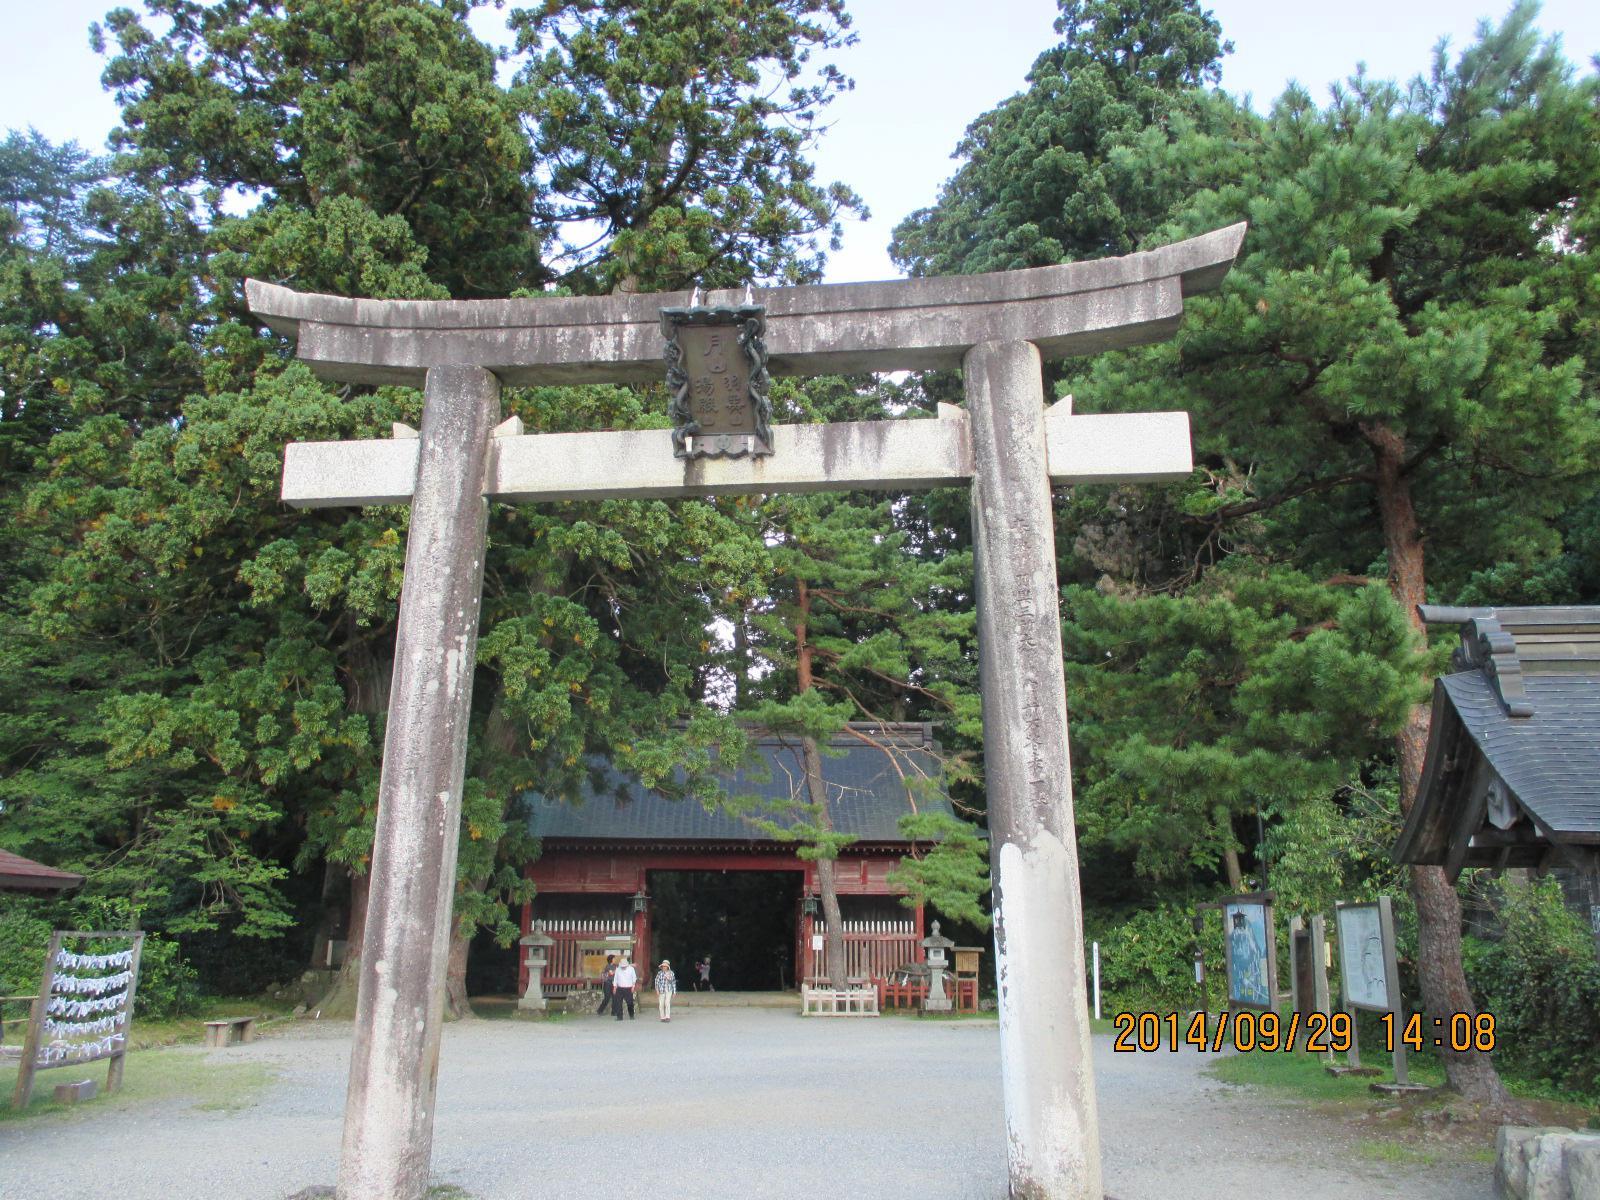 出羽三山神社  羽黒山三神合祭殿の鳥居